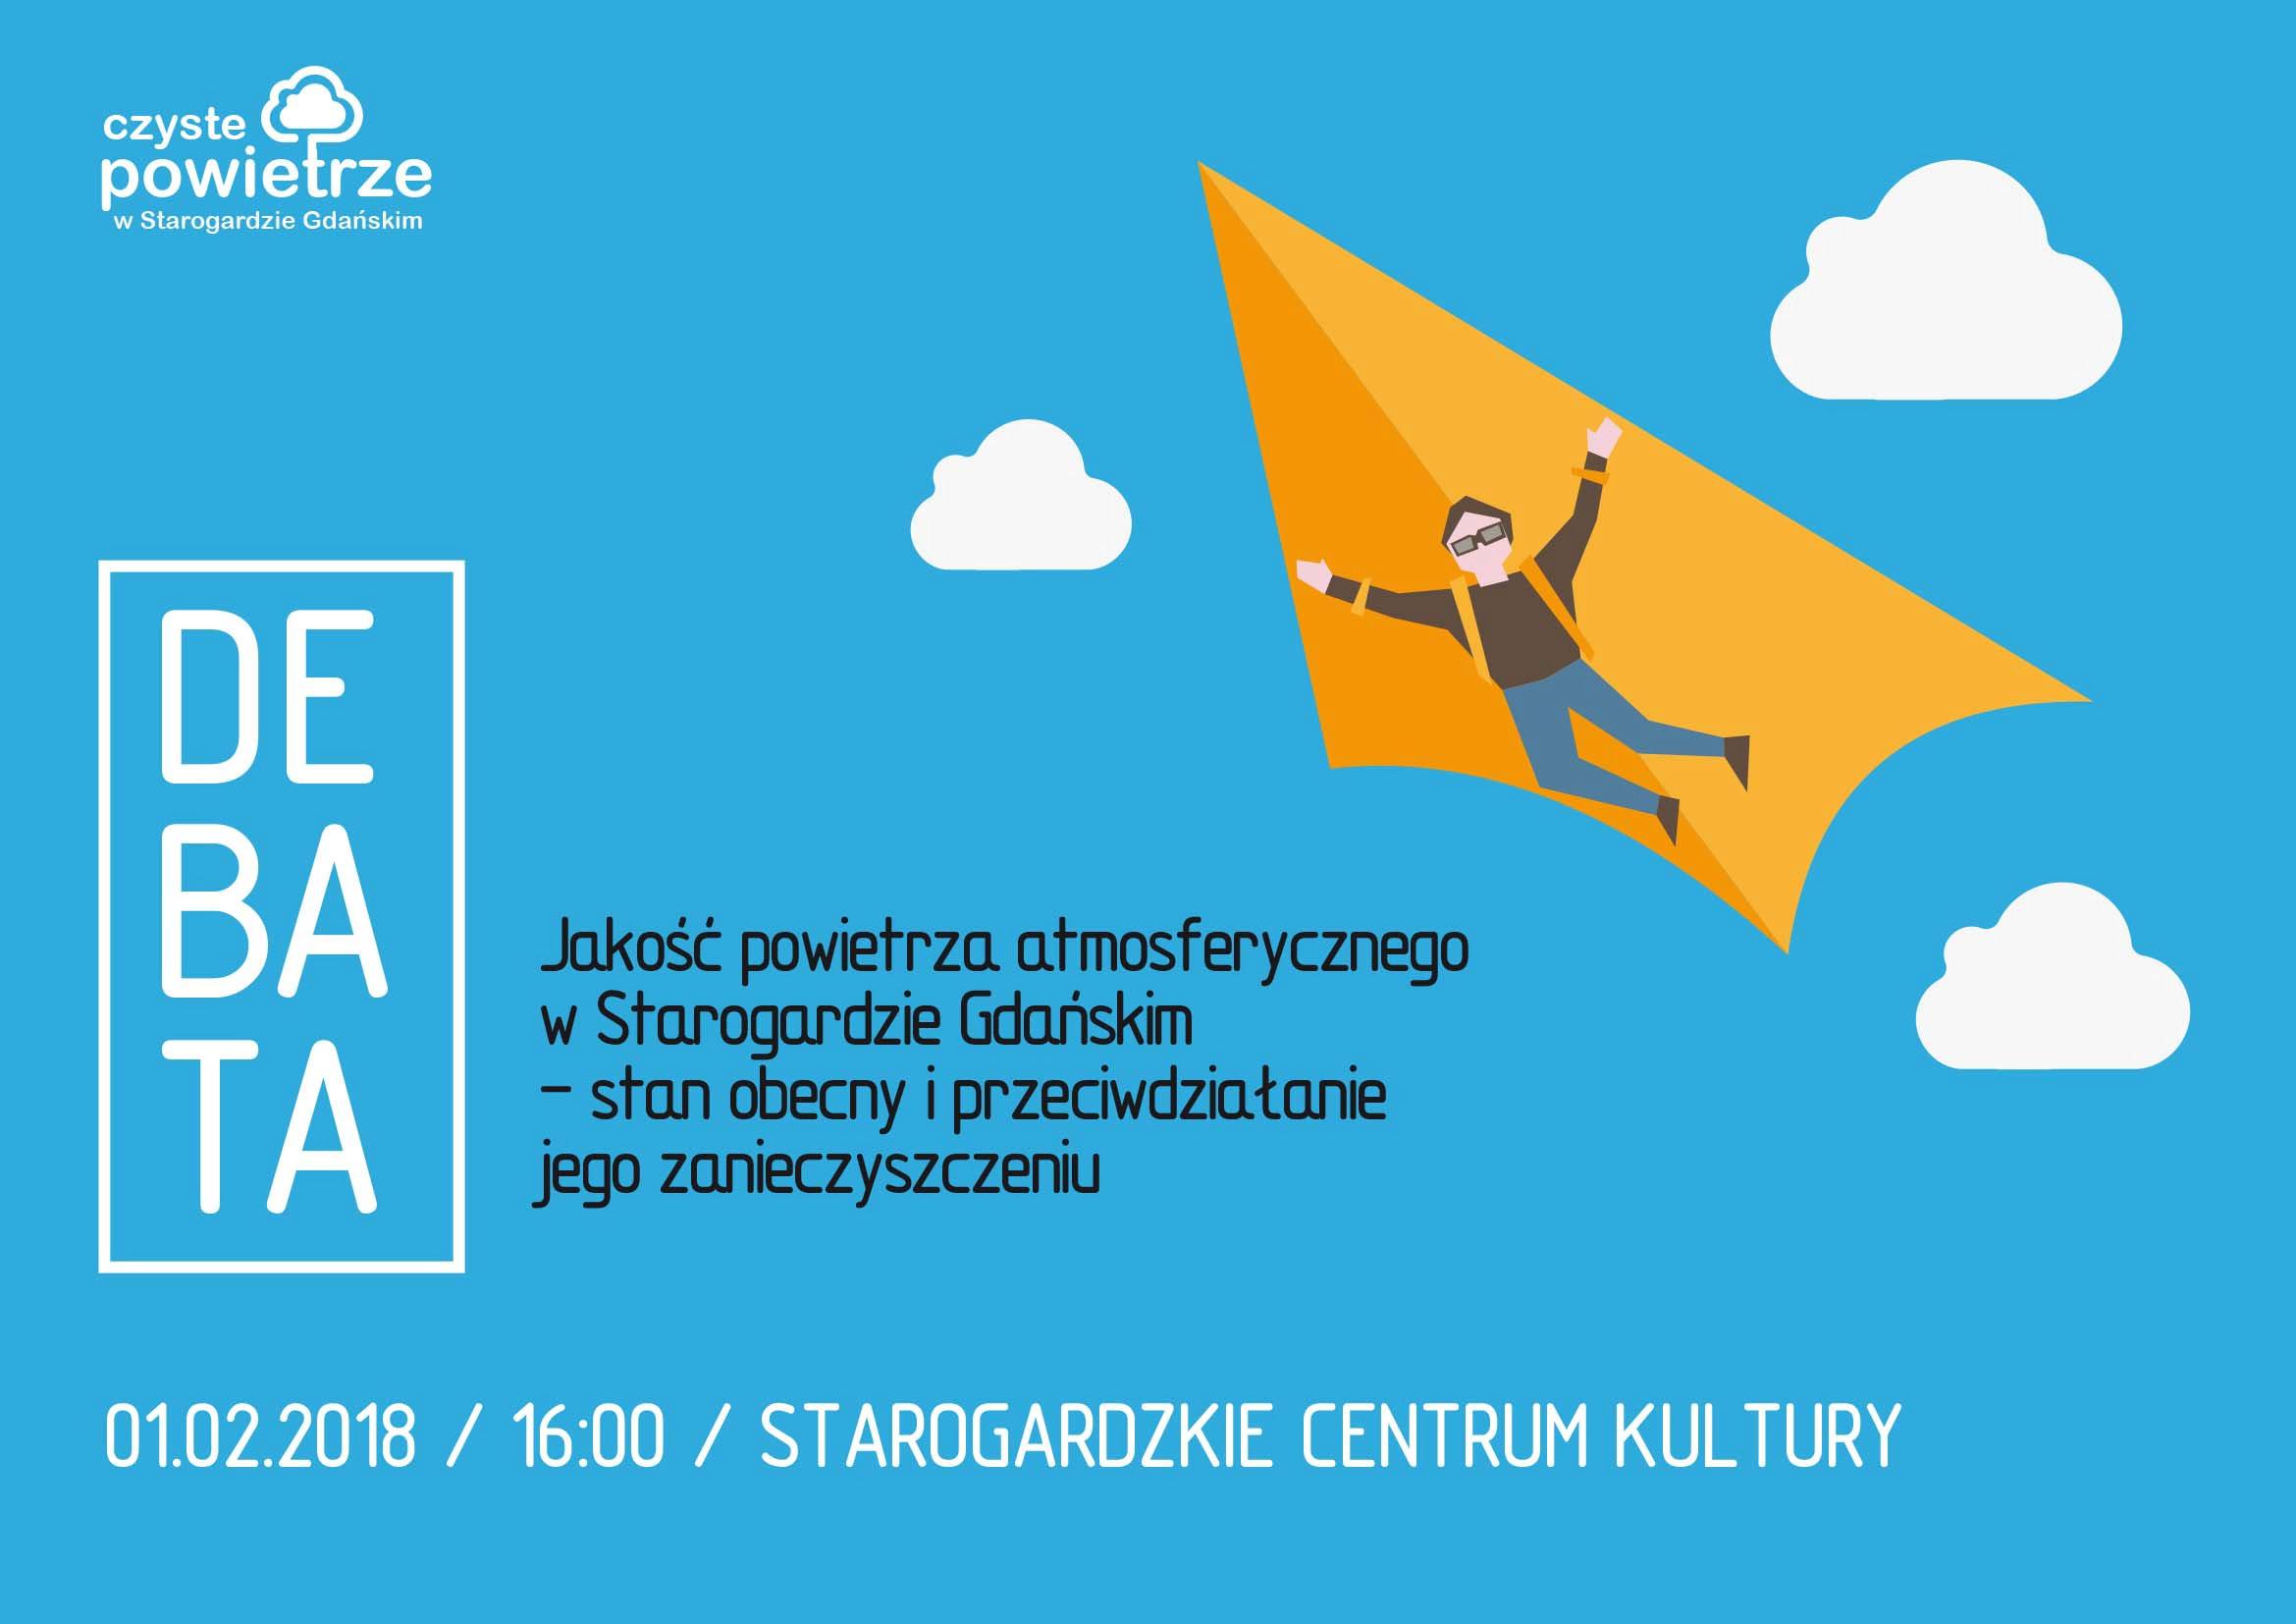 Czyste powietrze w Starogardzie Gdańskim - Debata społeczna